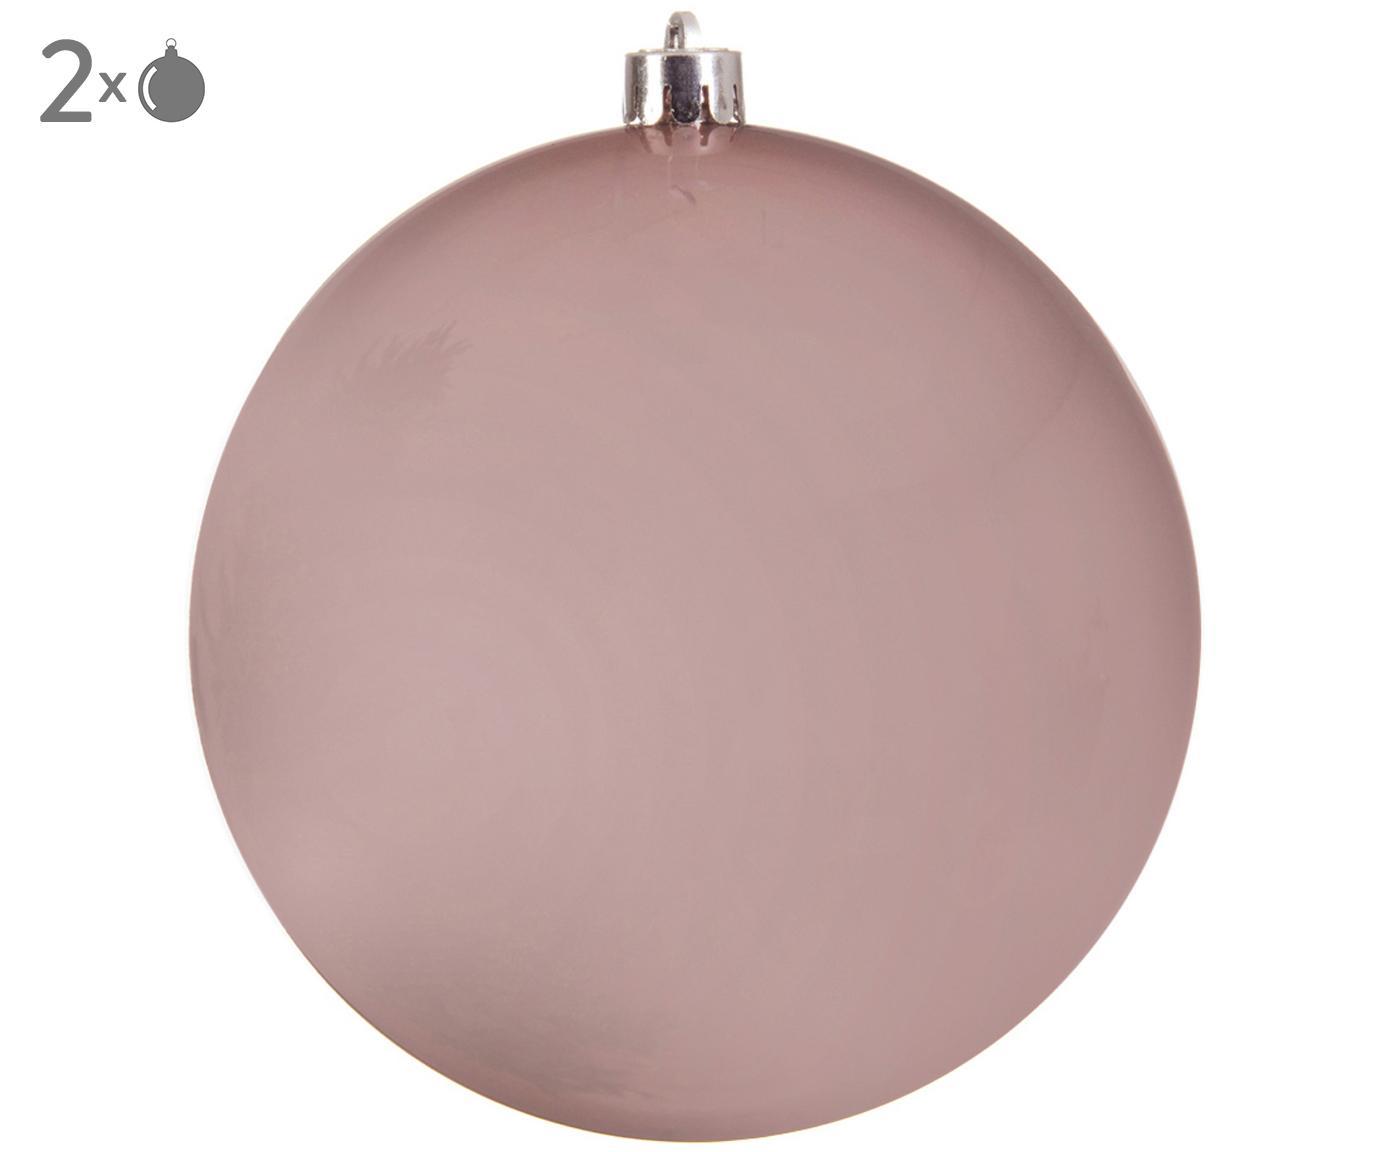 Kerstballen Minstix, 2 stuks, Kunststof, Roze, Ø 14 cm